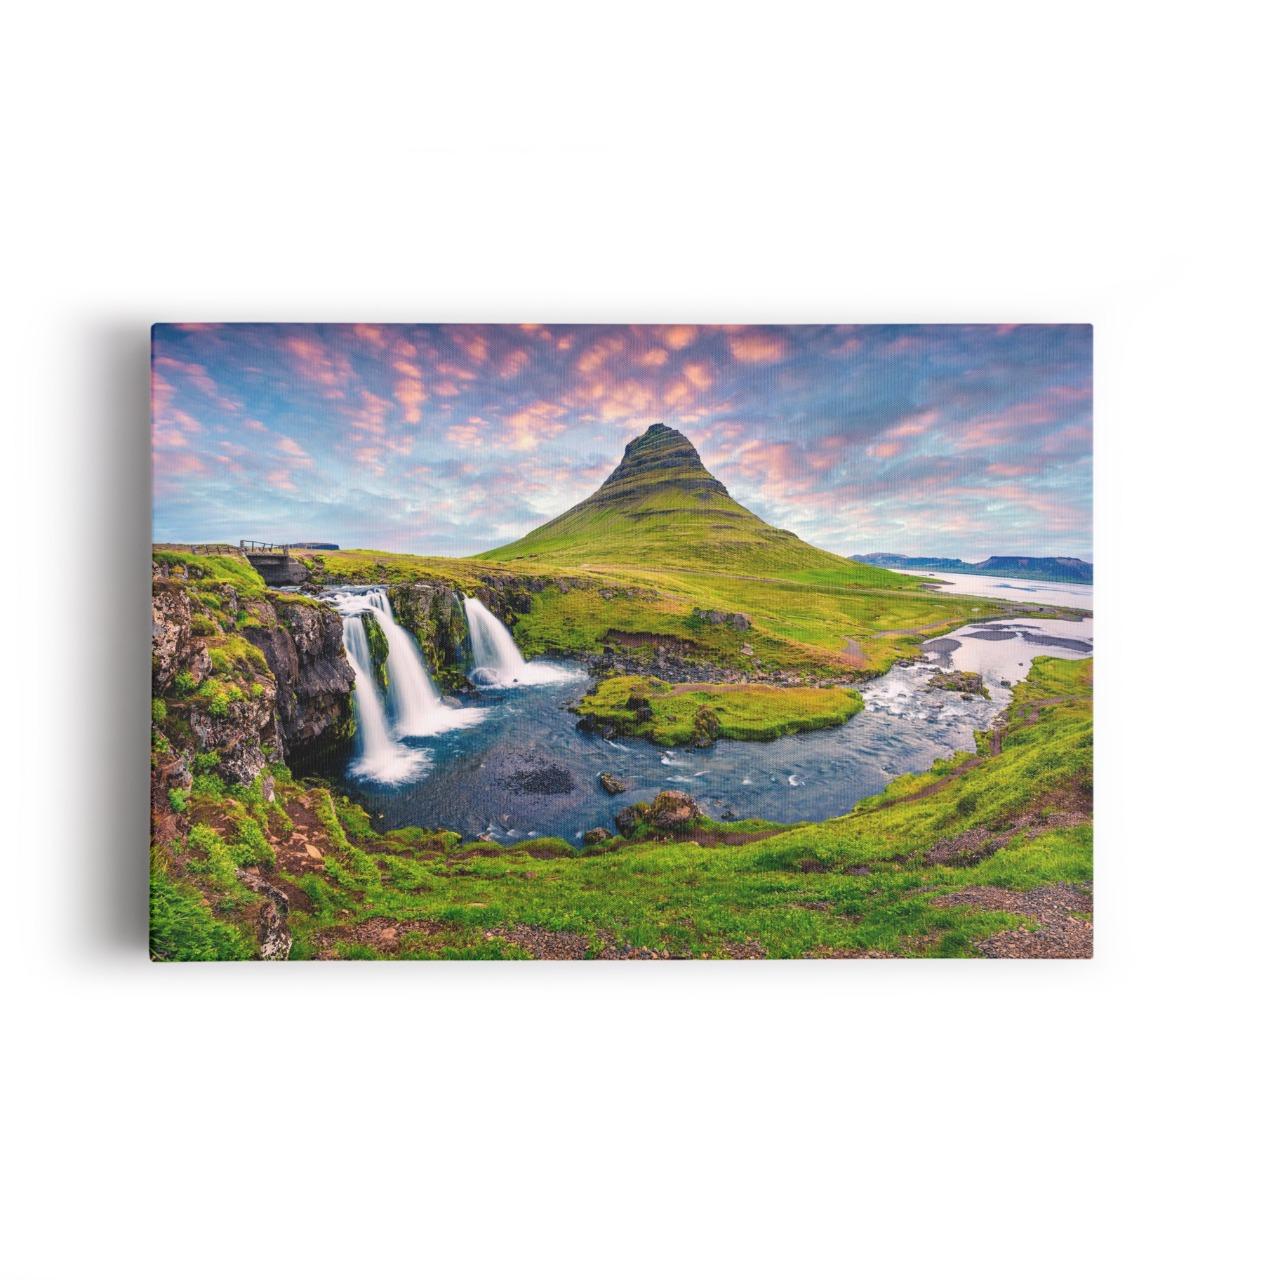 Quadro Paisagem Islândia Cachoeira Decorativo 100x70cm